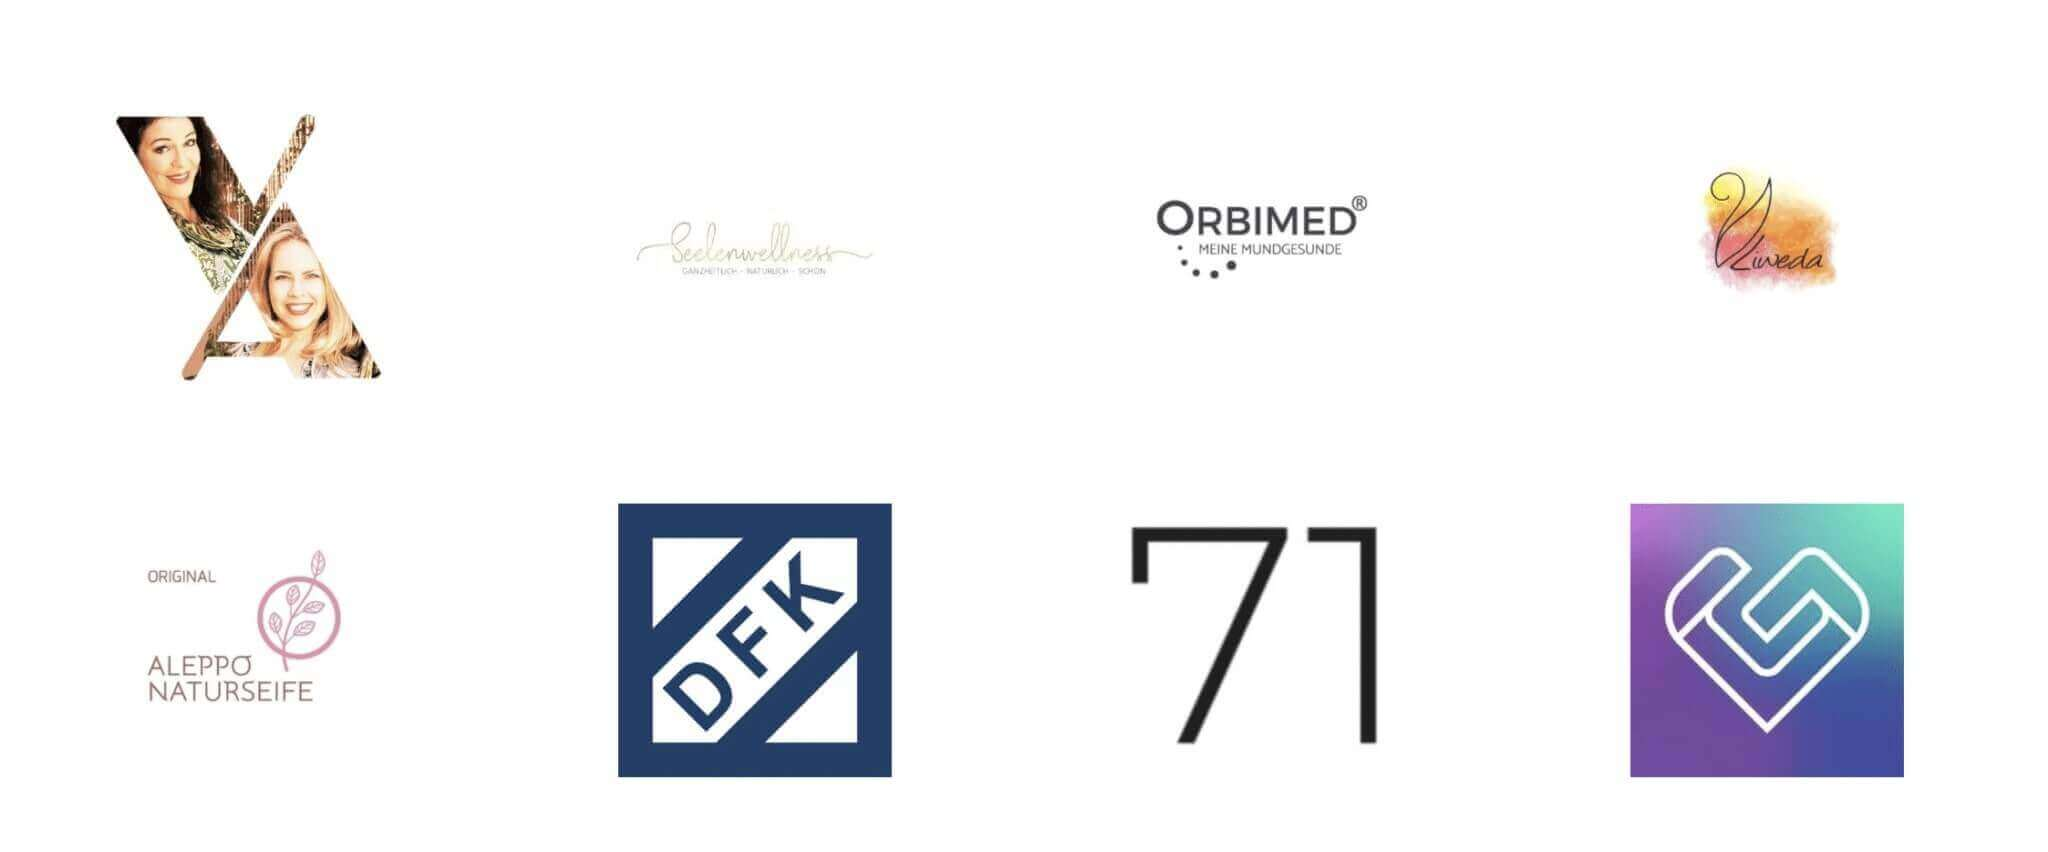 Übersicht einiger SEO Kunden von Dominik Kienzle